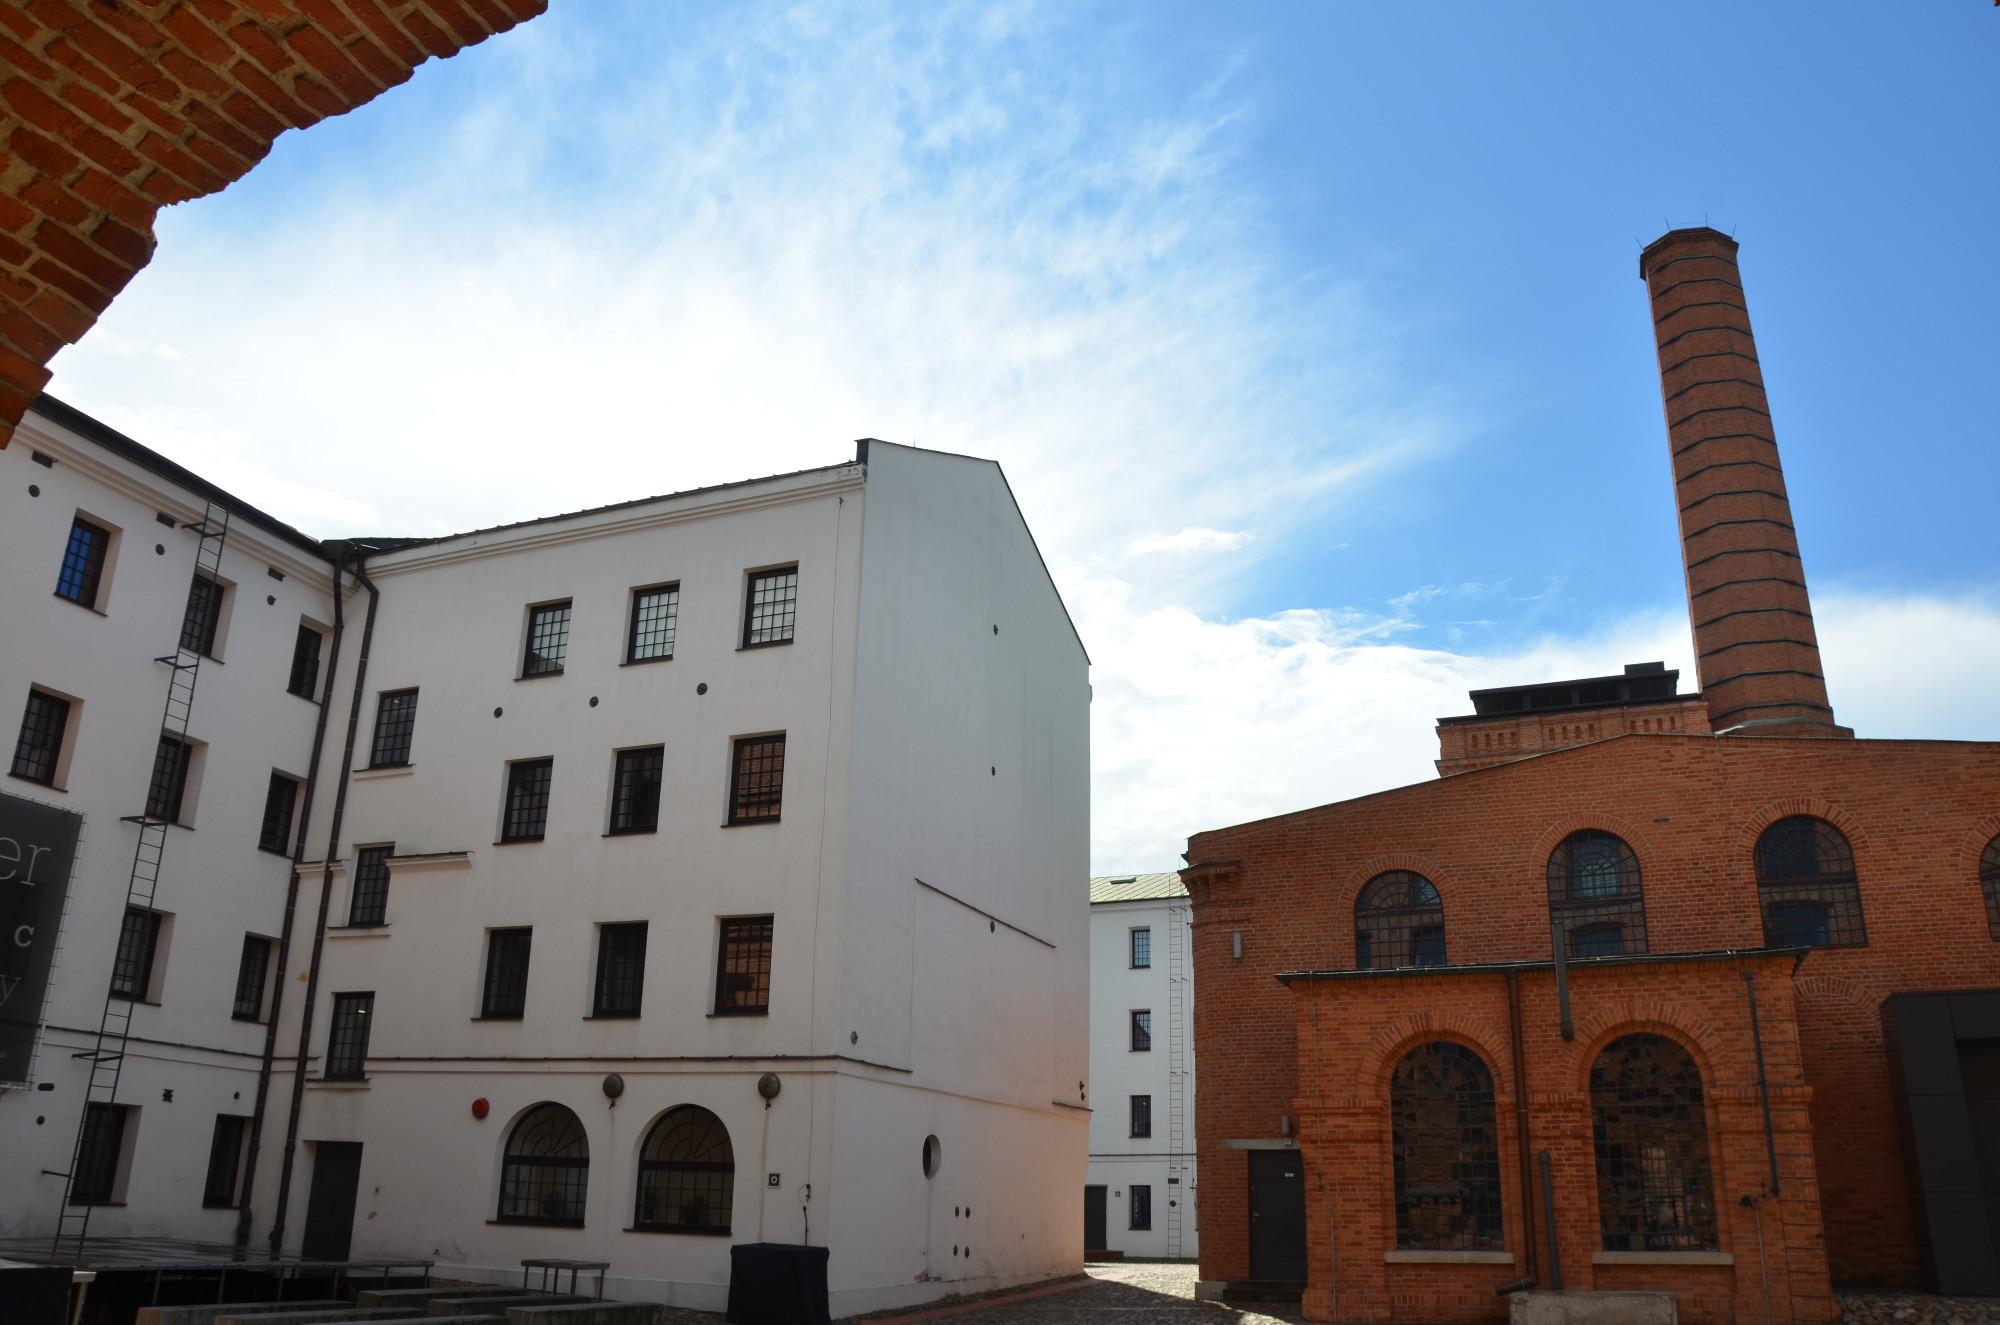 Der aus Berlin stammende Textilfabrikant Ludwik Geyer baute von 1835 bis 1839 die Weiße Fabrik mit der ersten mechanischen Baumwollspinnerei und –weberei von Lodz, die zudem von der ersten Dampfmaschine der Stadt angetrieben wurde. (Foto: © Jürgen Ulbrich)